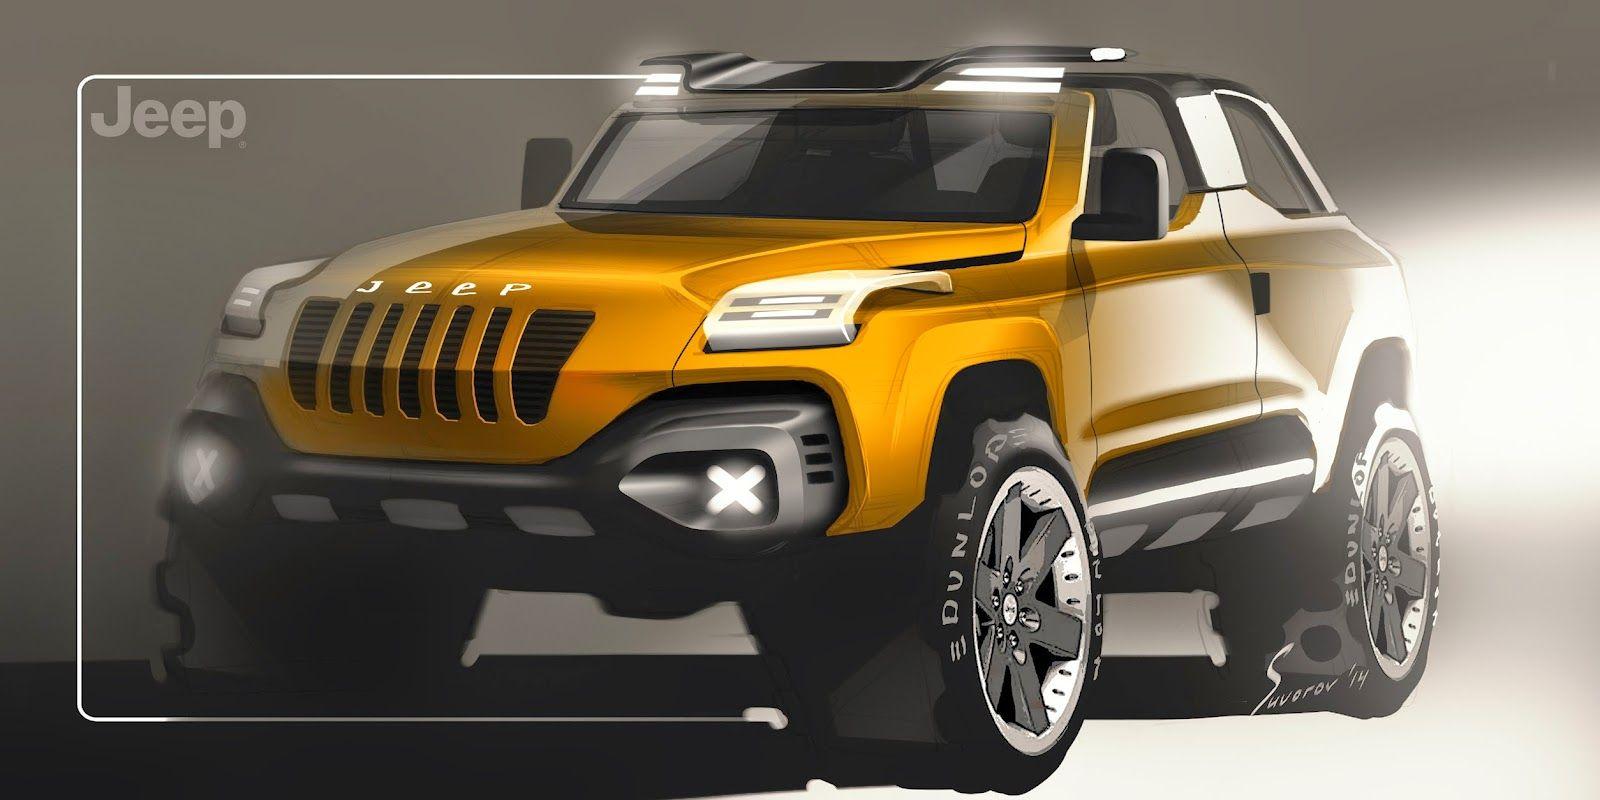 Jeep Concept Design Sketch By Aleksander Suvorov Jeep Concept